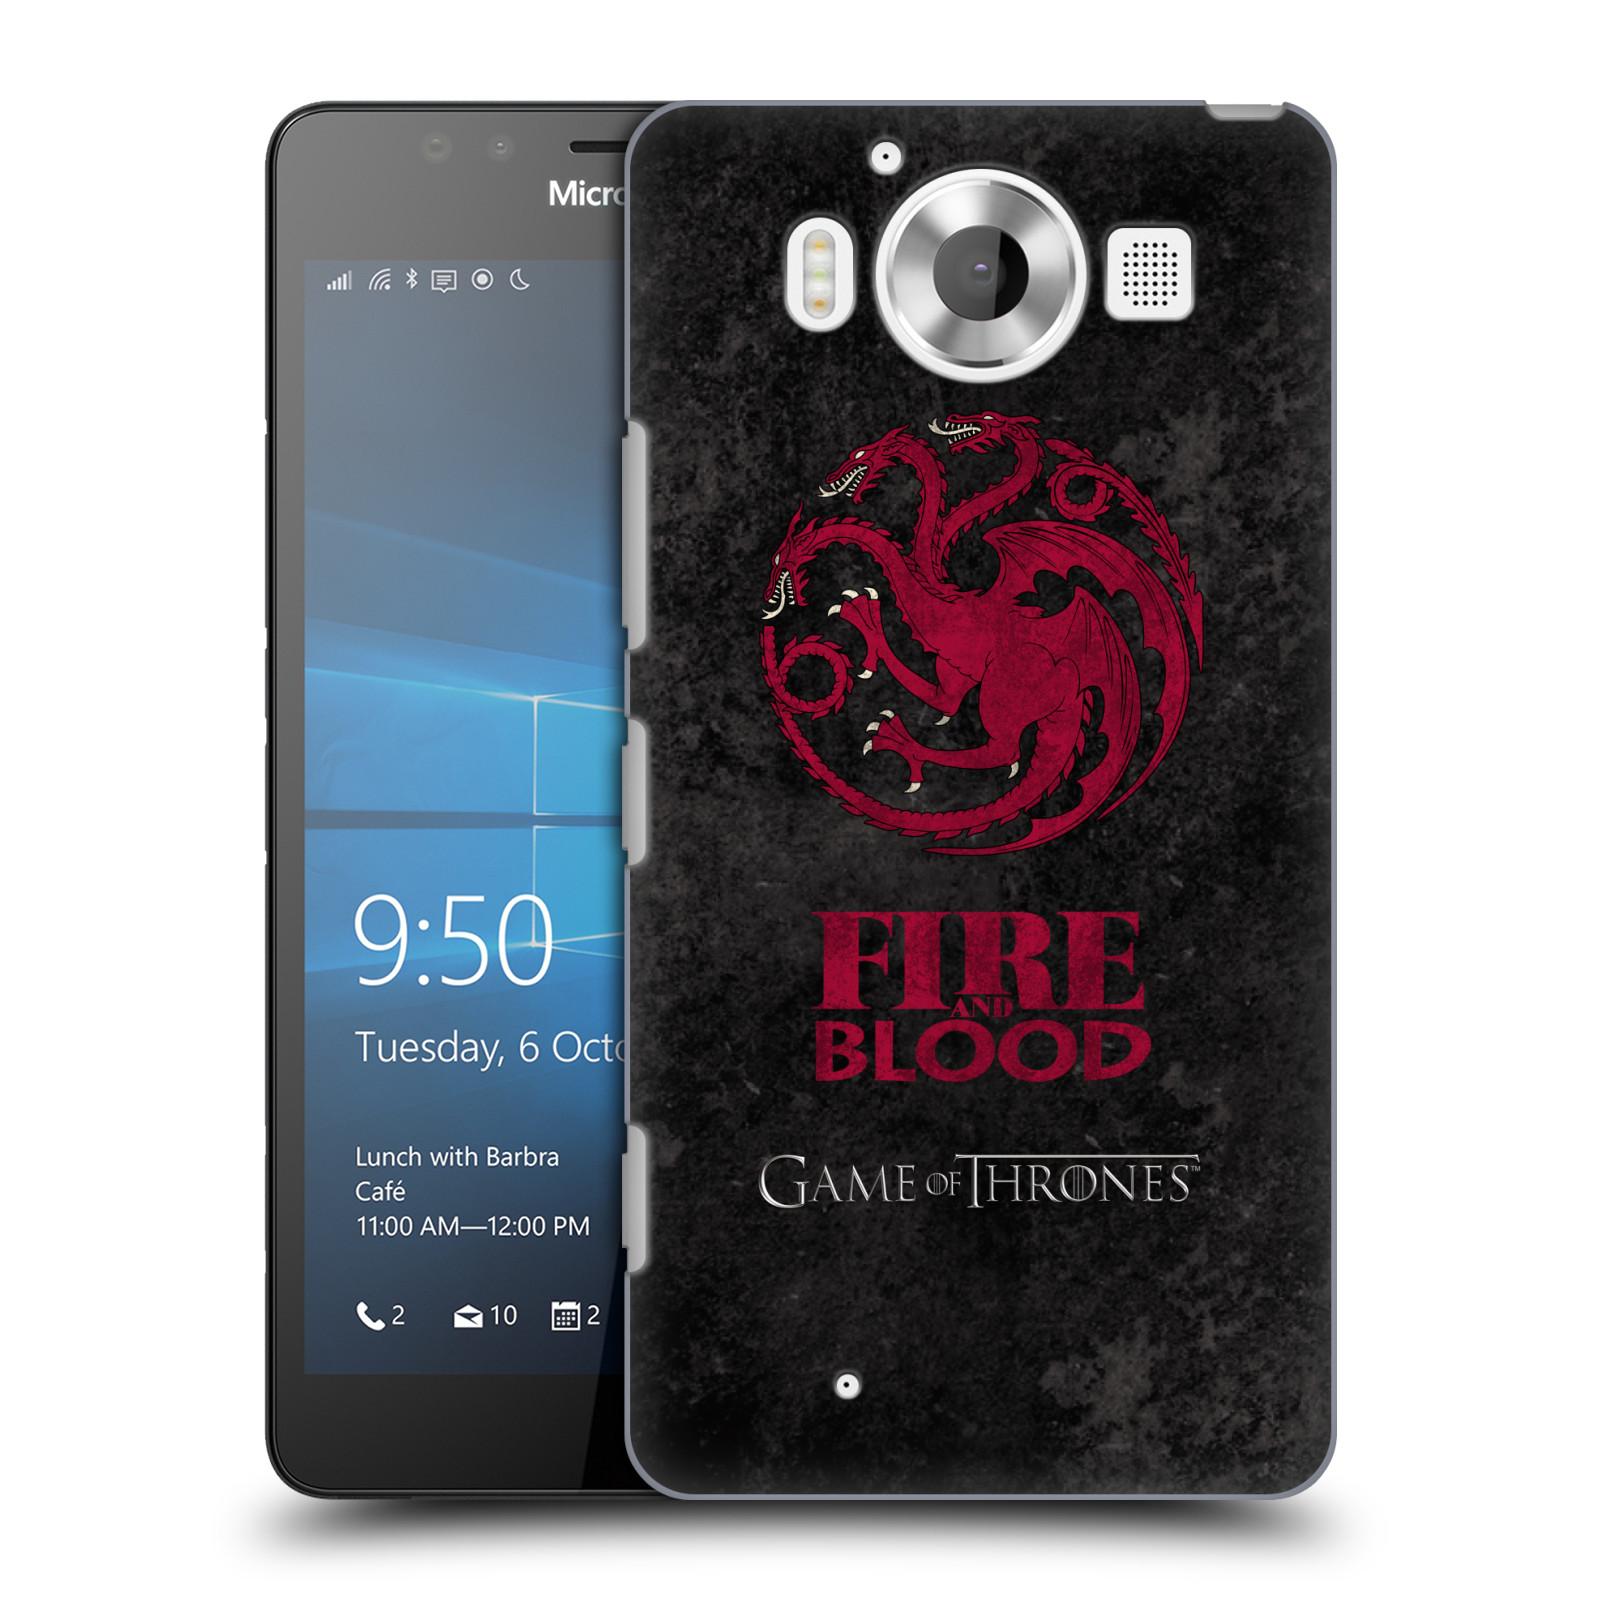 Plastové pouzdro na mobil Microsoft Lumia 950 HEAD CASE Hra o trůny - Sigils Targaryen - Fire and Blood (Plastový kryt či obal na mobilní telefon s licencovaným motivem Hra o trůny - Game Of Thrones pro Microsoft Lumia 950)